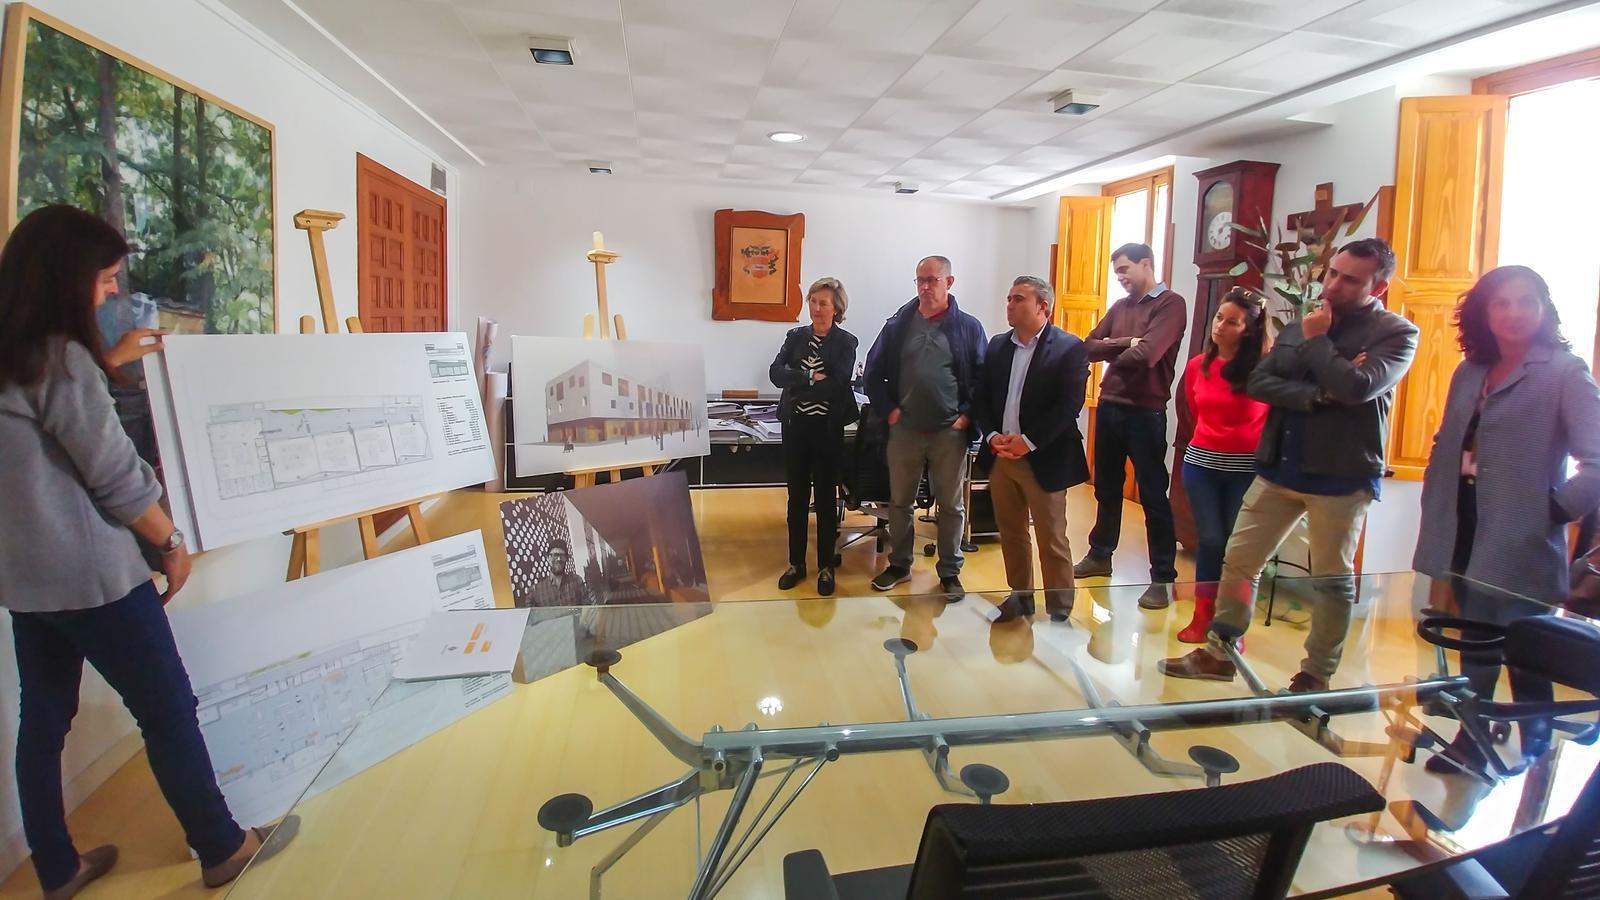 Presentació del projecte d'Amadip a l'Ajuntament